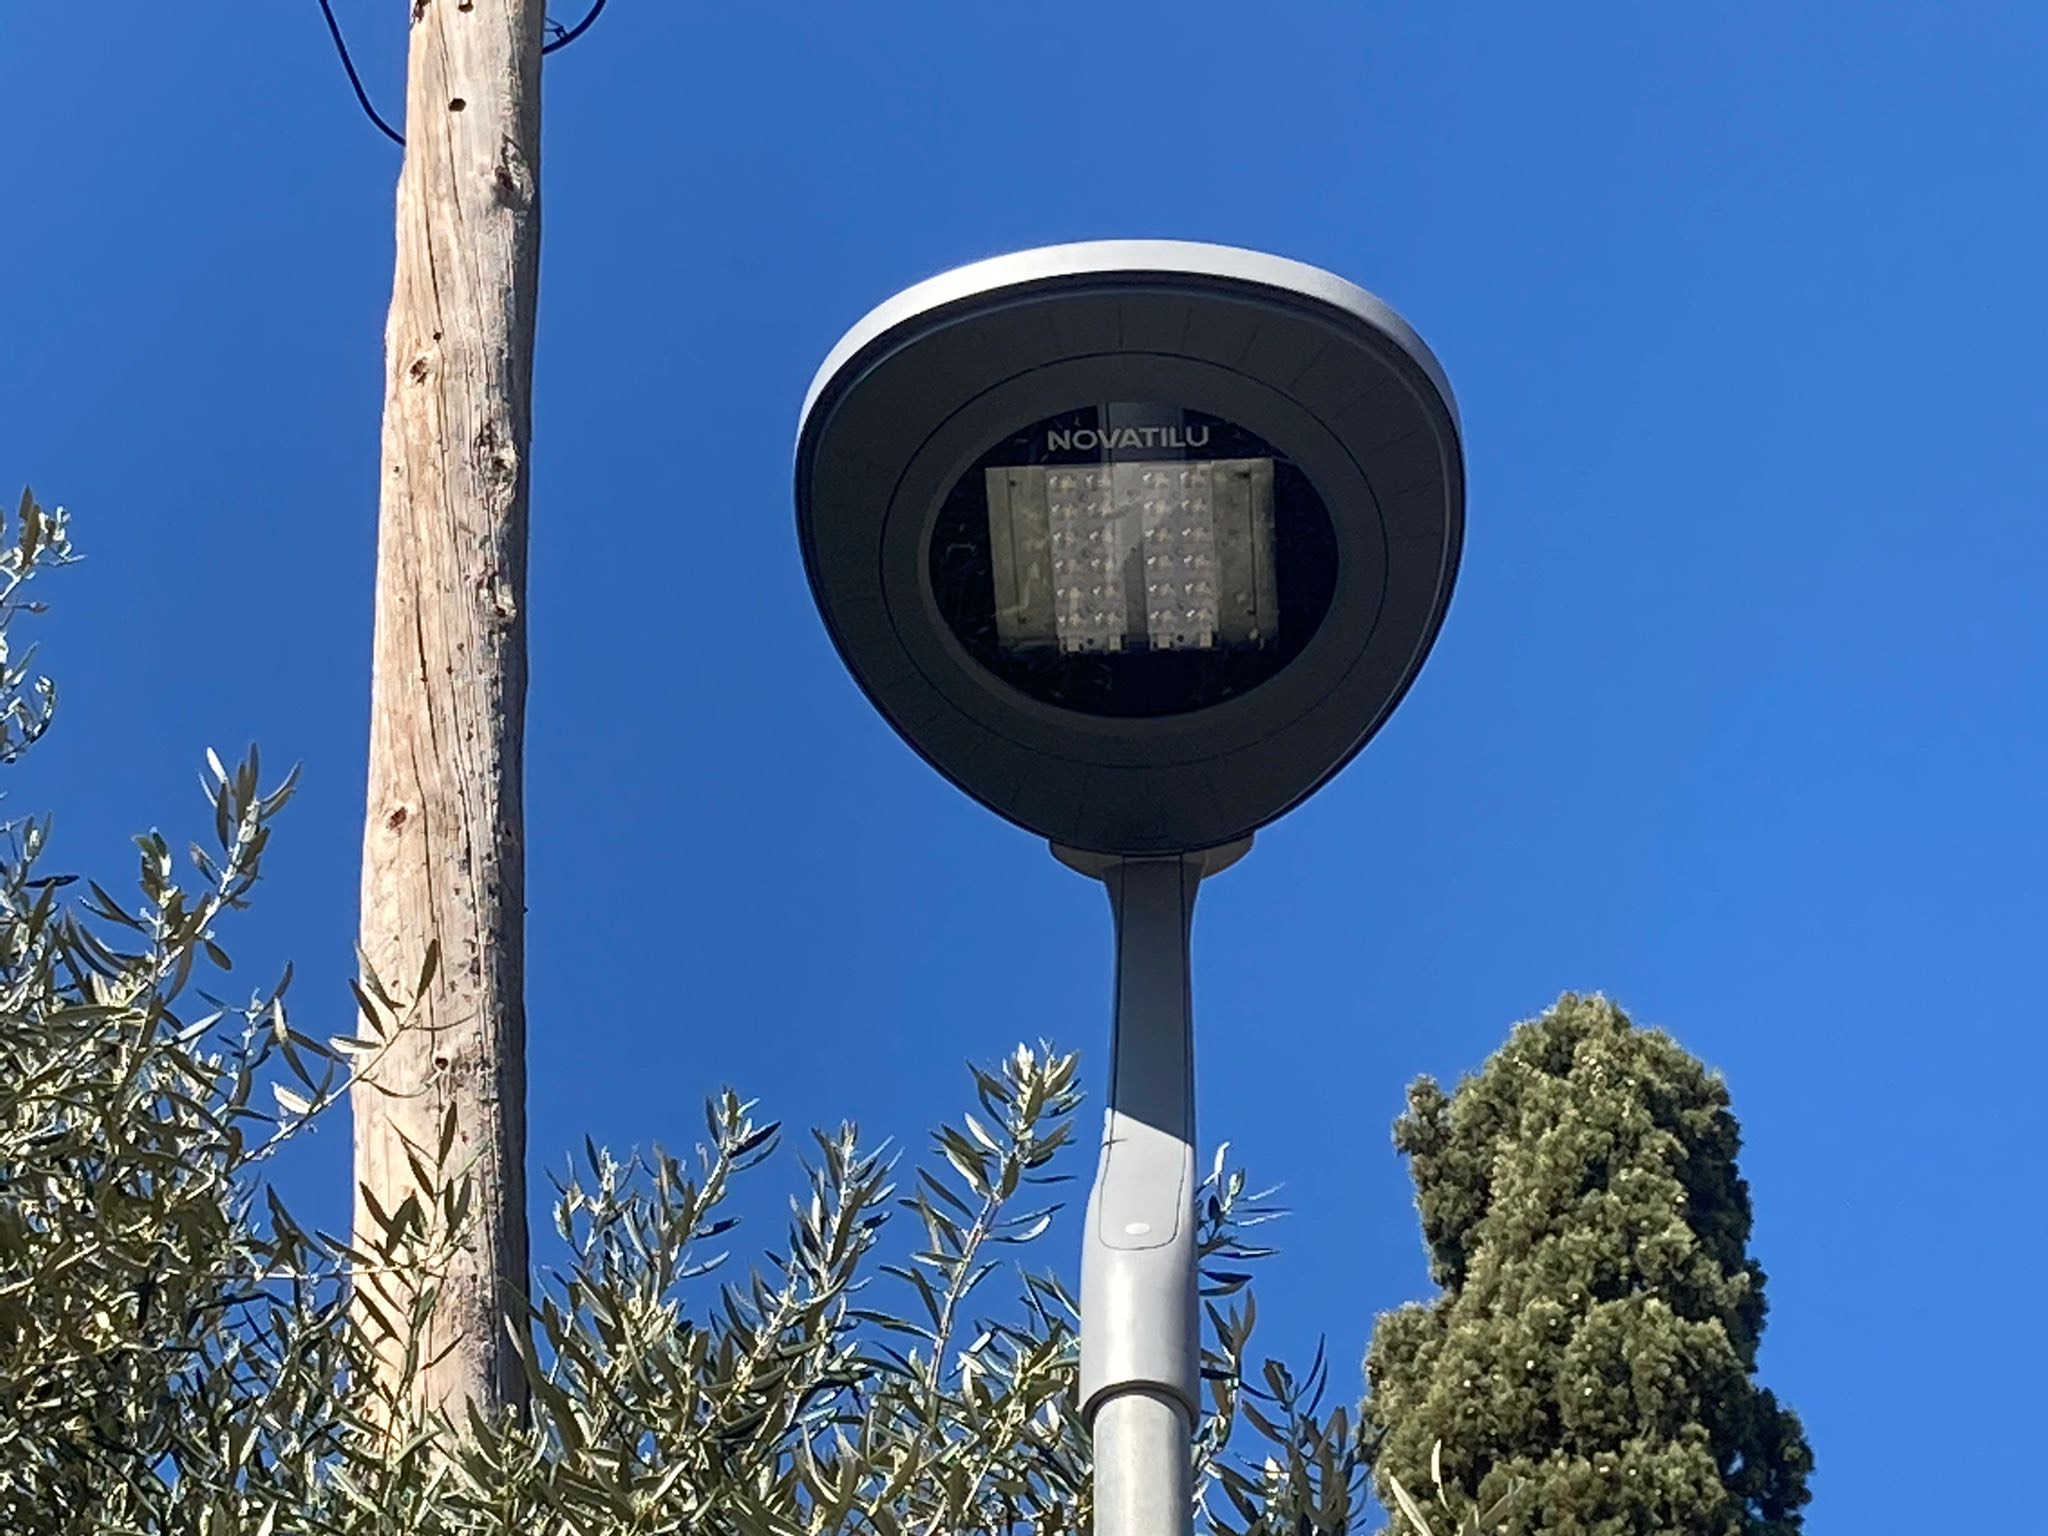 El Mas Fumats renova el seu enllumenat amb sistemes LED de baix consum